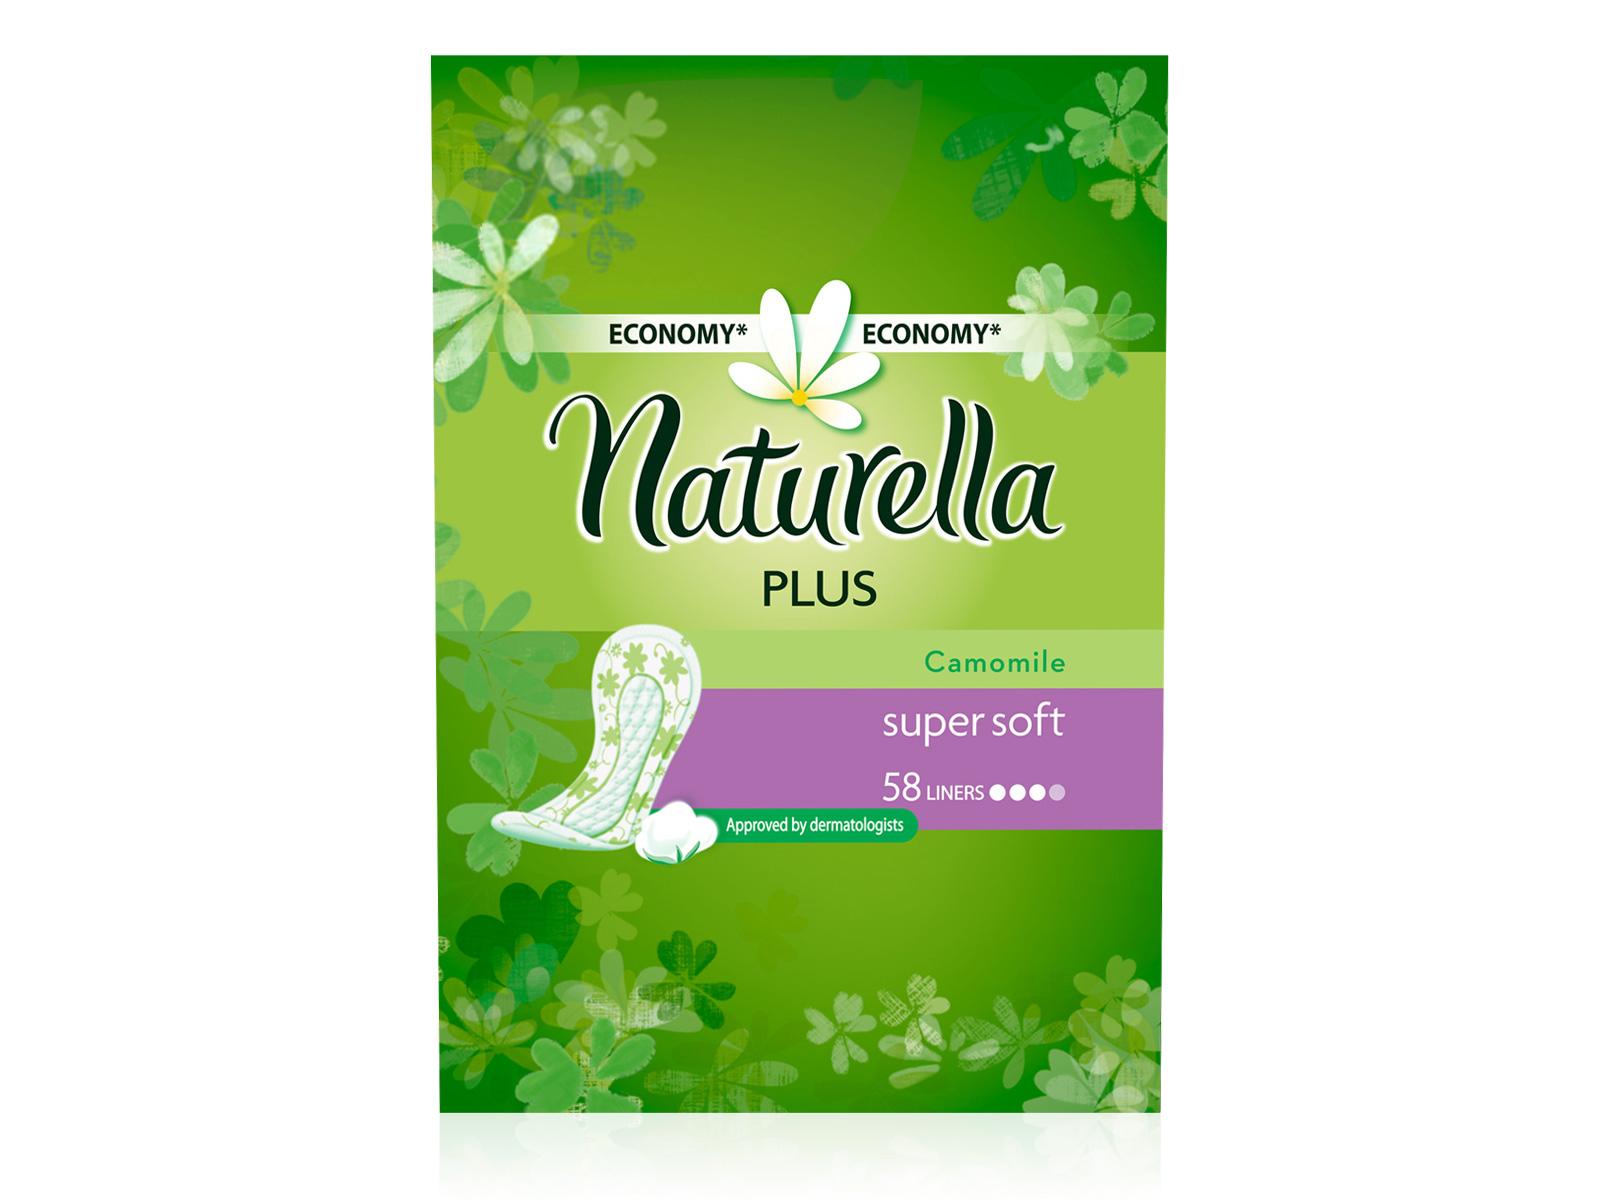 Naturella Женские гигиенические прокладки на каждый день Camomile Plus Trio 58штSatin Hair 7 BR730MNСохраните свежесть и защиту на целый день с ежедневными гигиеническими прокладками Naturella Plus. Эти воздухопроницаемые ежедневные прокладки толщиной 1,7 мм с мягким, как лепесток, верхним слоем и легким ароматом, вдохновленным самой природой, обеспечивают свежесть и комфорт каждый день.Одобренные дерматологическим институтом proDERM ежедневные прокладки Naturella каждый день обеспечивают заботу о женской гигиене, которой можно доверять.Ежедневные гигиенические прокладки Naturella одобрены дерматологическим институтом proDERM и обеспечивают надежный ежедневный гигиенический уход. Ежедневные прокладки Naturella отлично защищают нижнее белье при выделениях из влагалища, нерегулярном цикле и выделениях перед менструацией. Во время менструации обязательно воспользуйтесь прокладками Naturella для усиленной защиты.Невероятно мягкий верхний слой обеспечивает дополнительный комфорт в интимной зонеУлучшенная зона впитываемостиЯвляются самыми мягкими и плотными ежедневками в портфеле NaturellaДышащий верхний слой и легкий аромат ромашки для ежедневной свежестиОдобрено дерматологами всемирно известного немецкого института proDERM и гарантируют женщинам надежную защиту, которой можно доверять